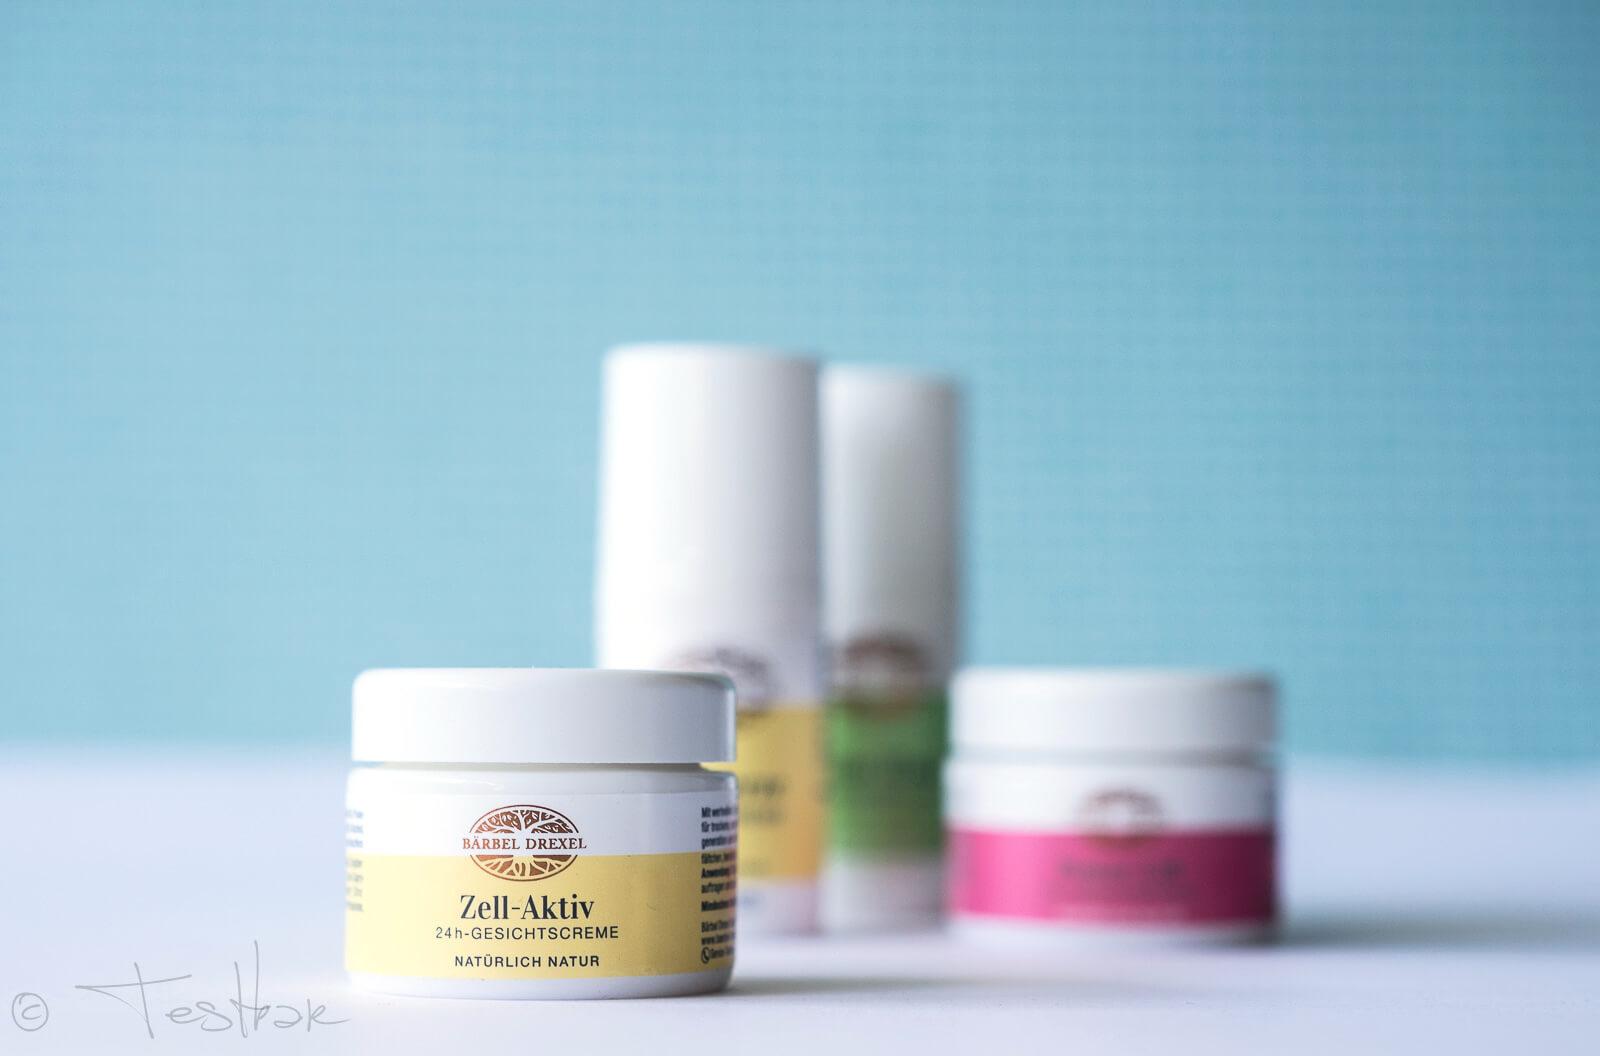 Zell-Aktiv 24 h-Gesichtscreme für trockene, empfindliche Haut von Bärbel Drexel